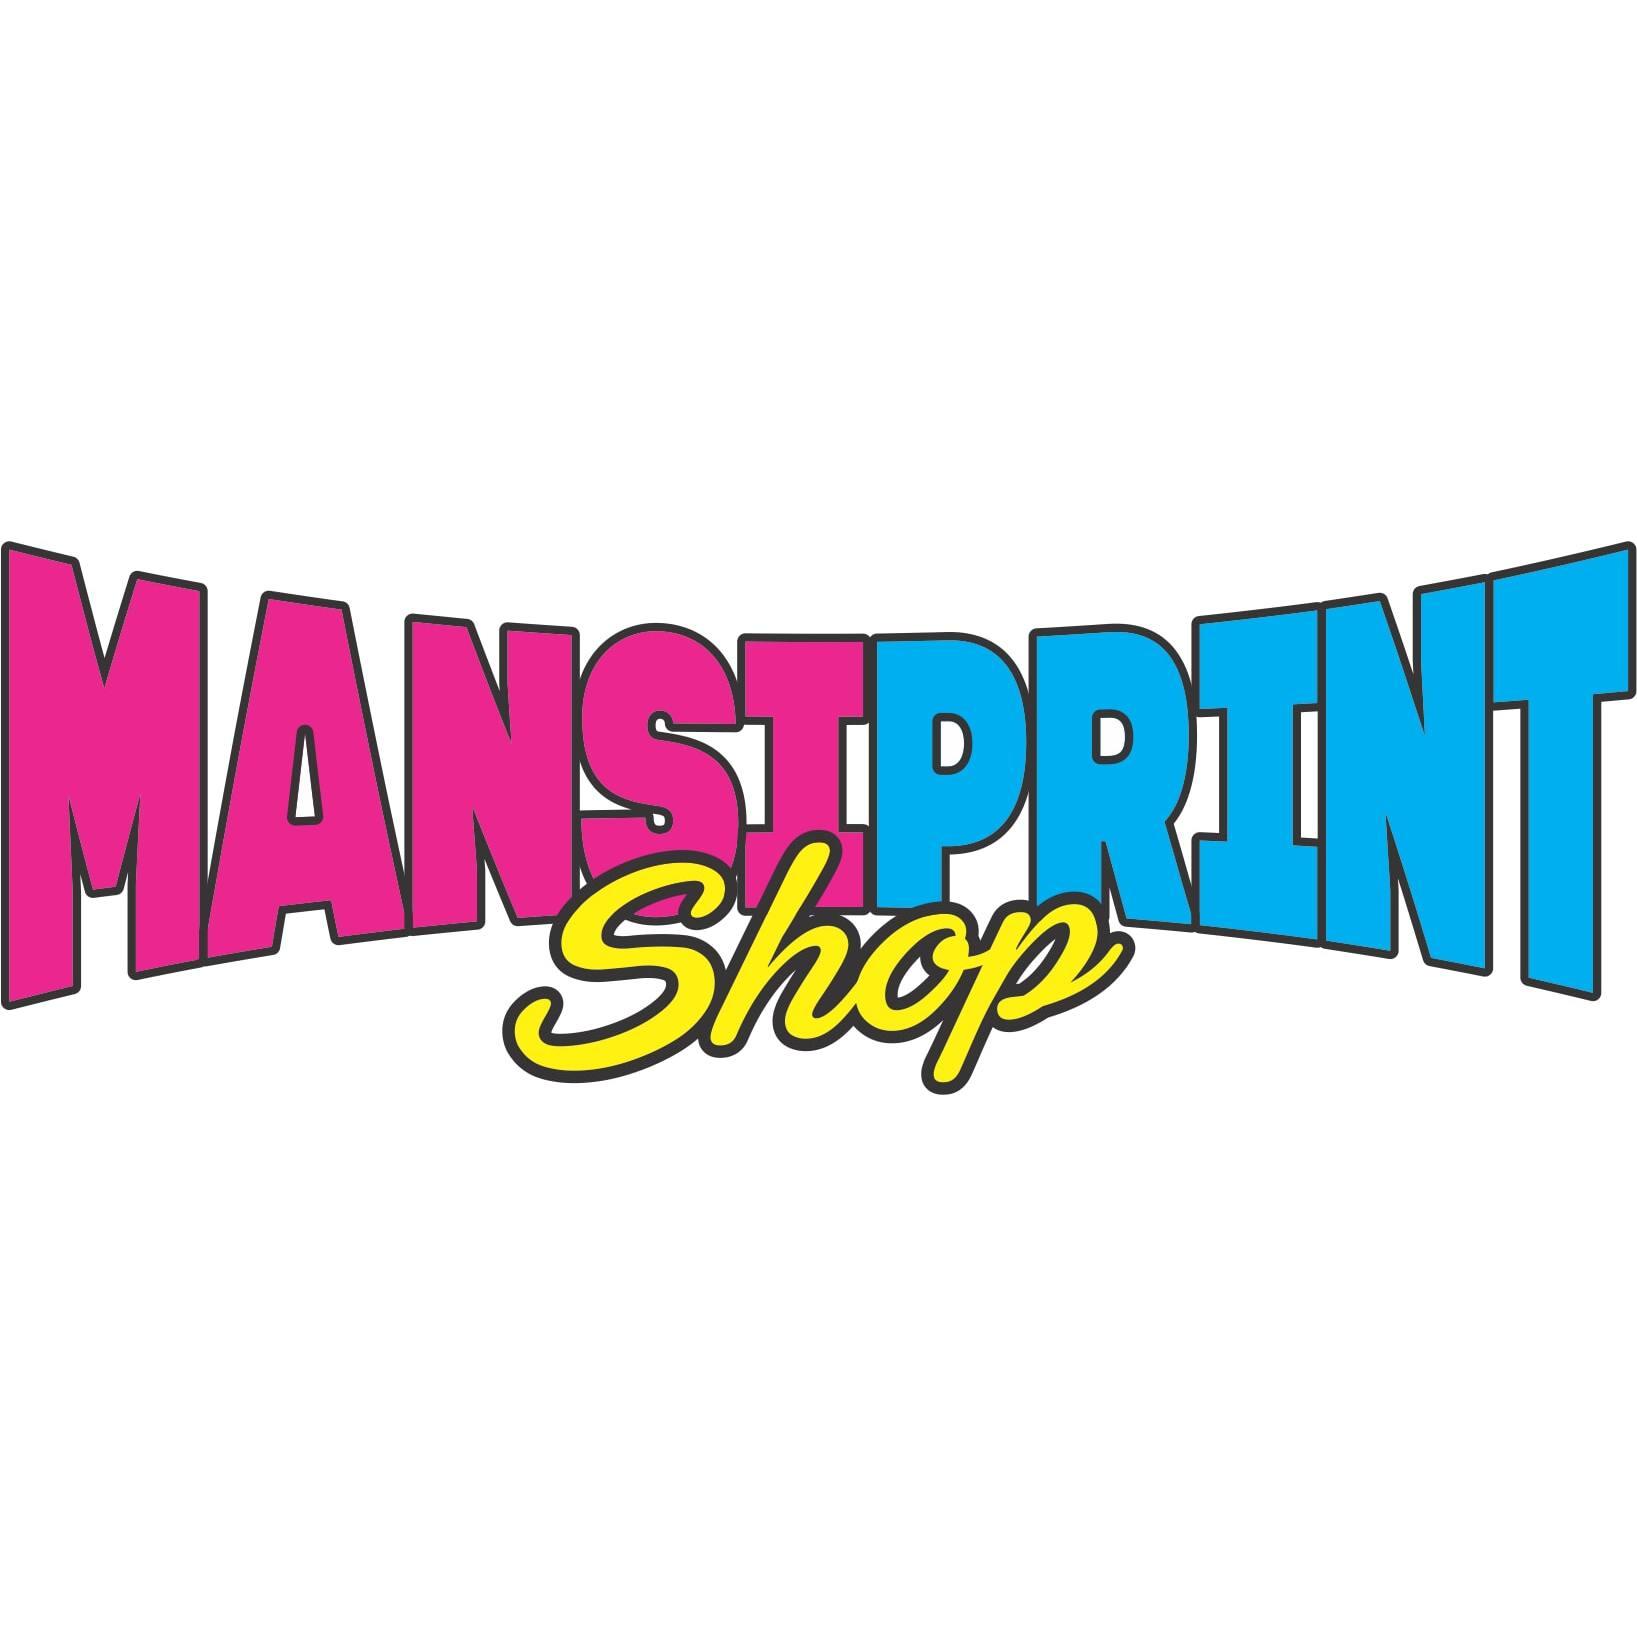 MANSI PRINT SHOP